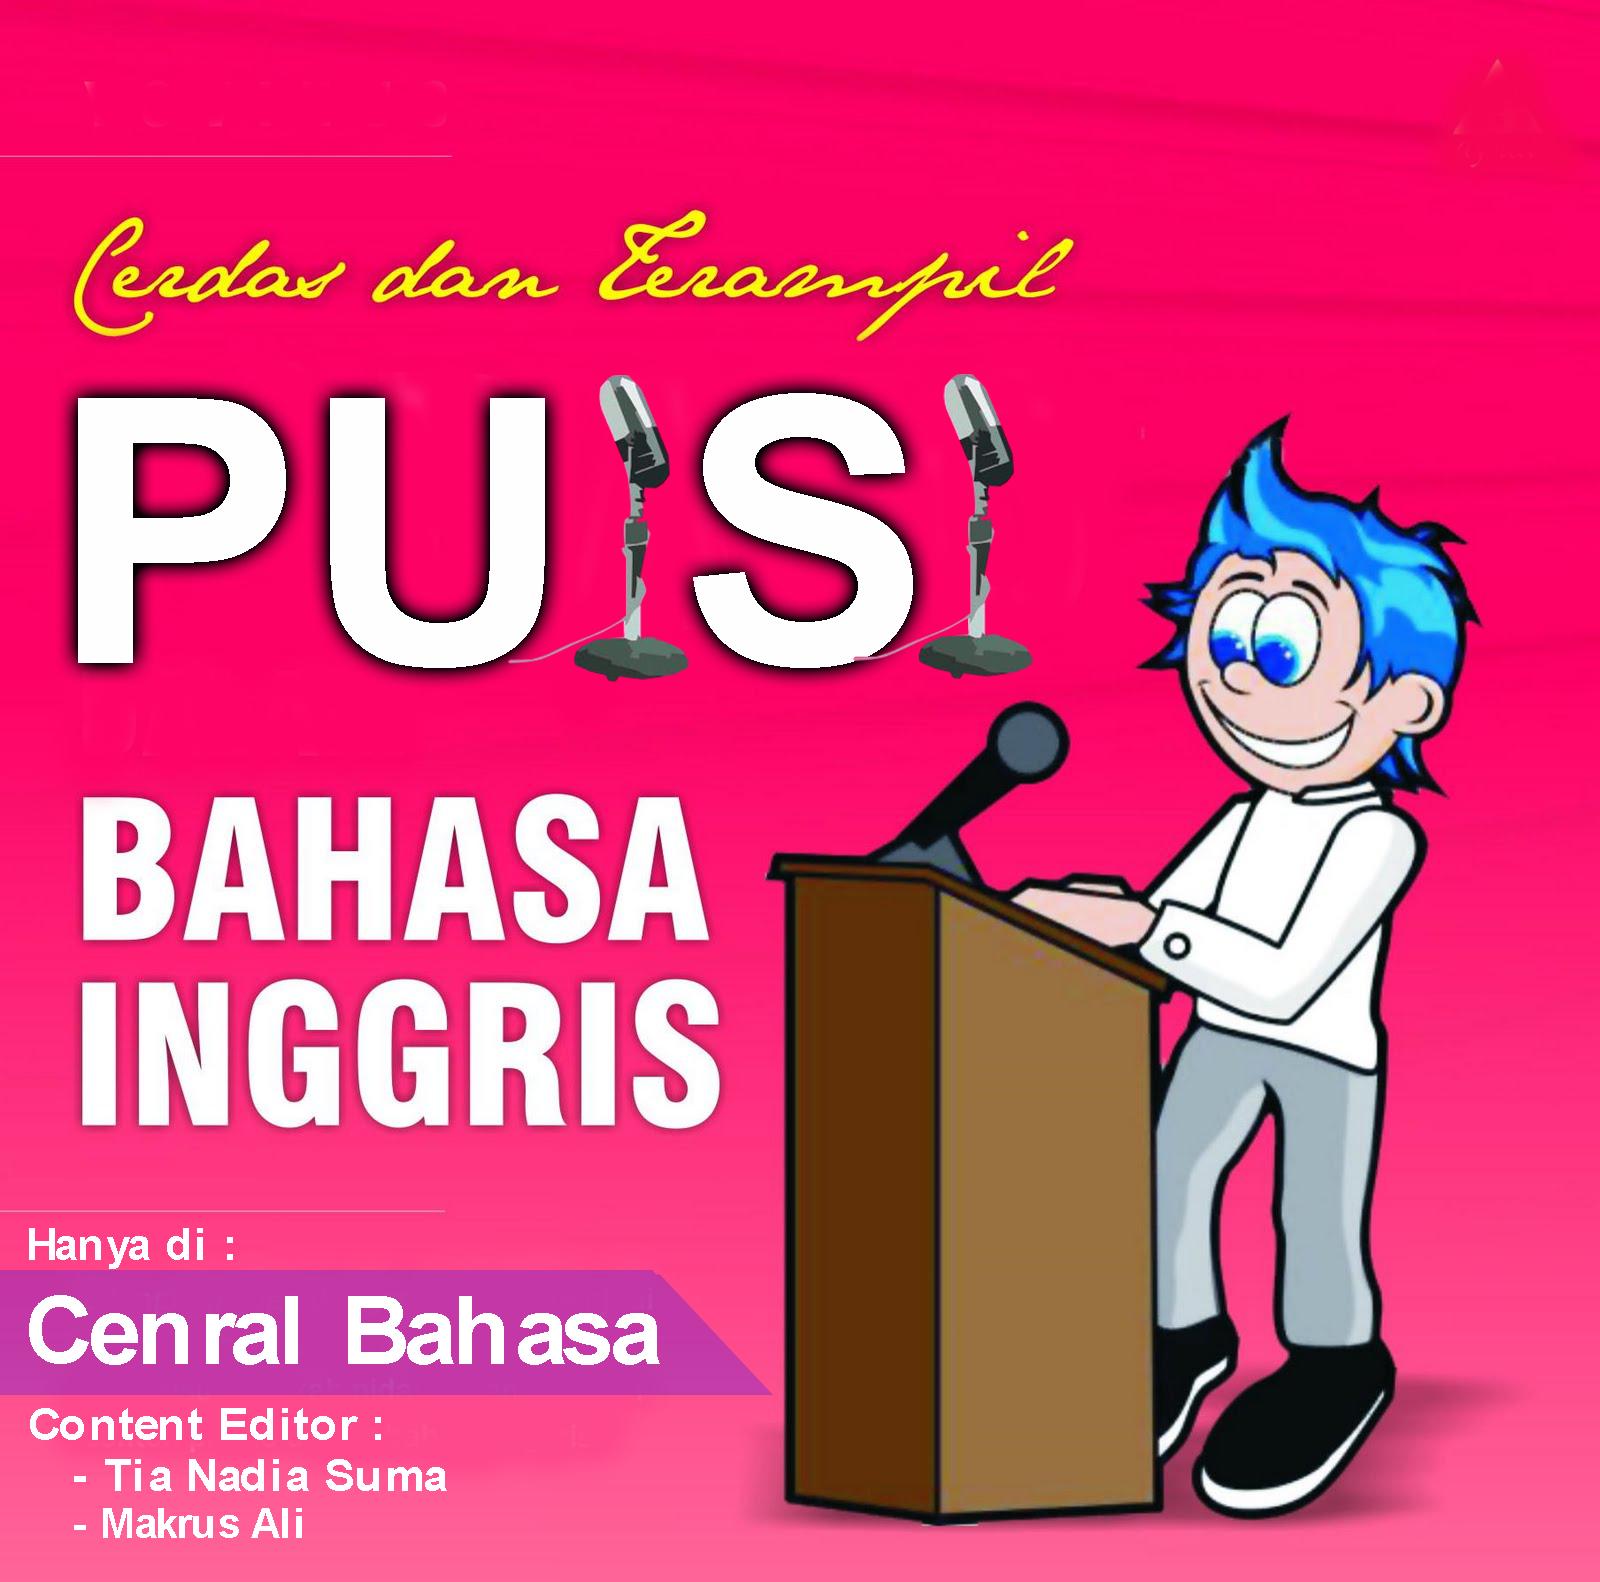 http://centralbahasa.blogspot.com/